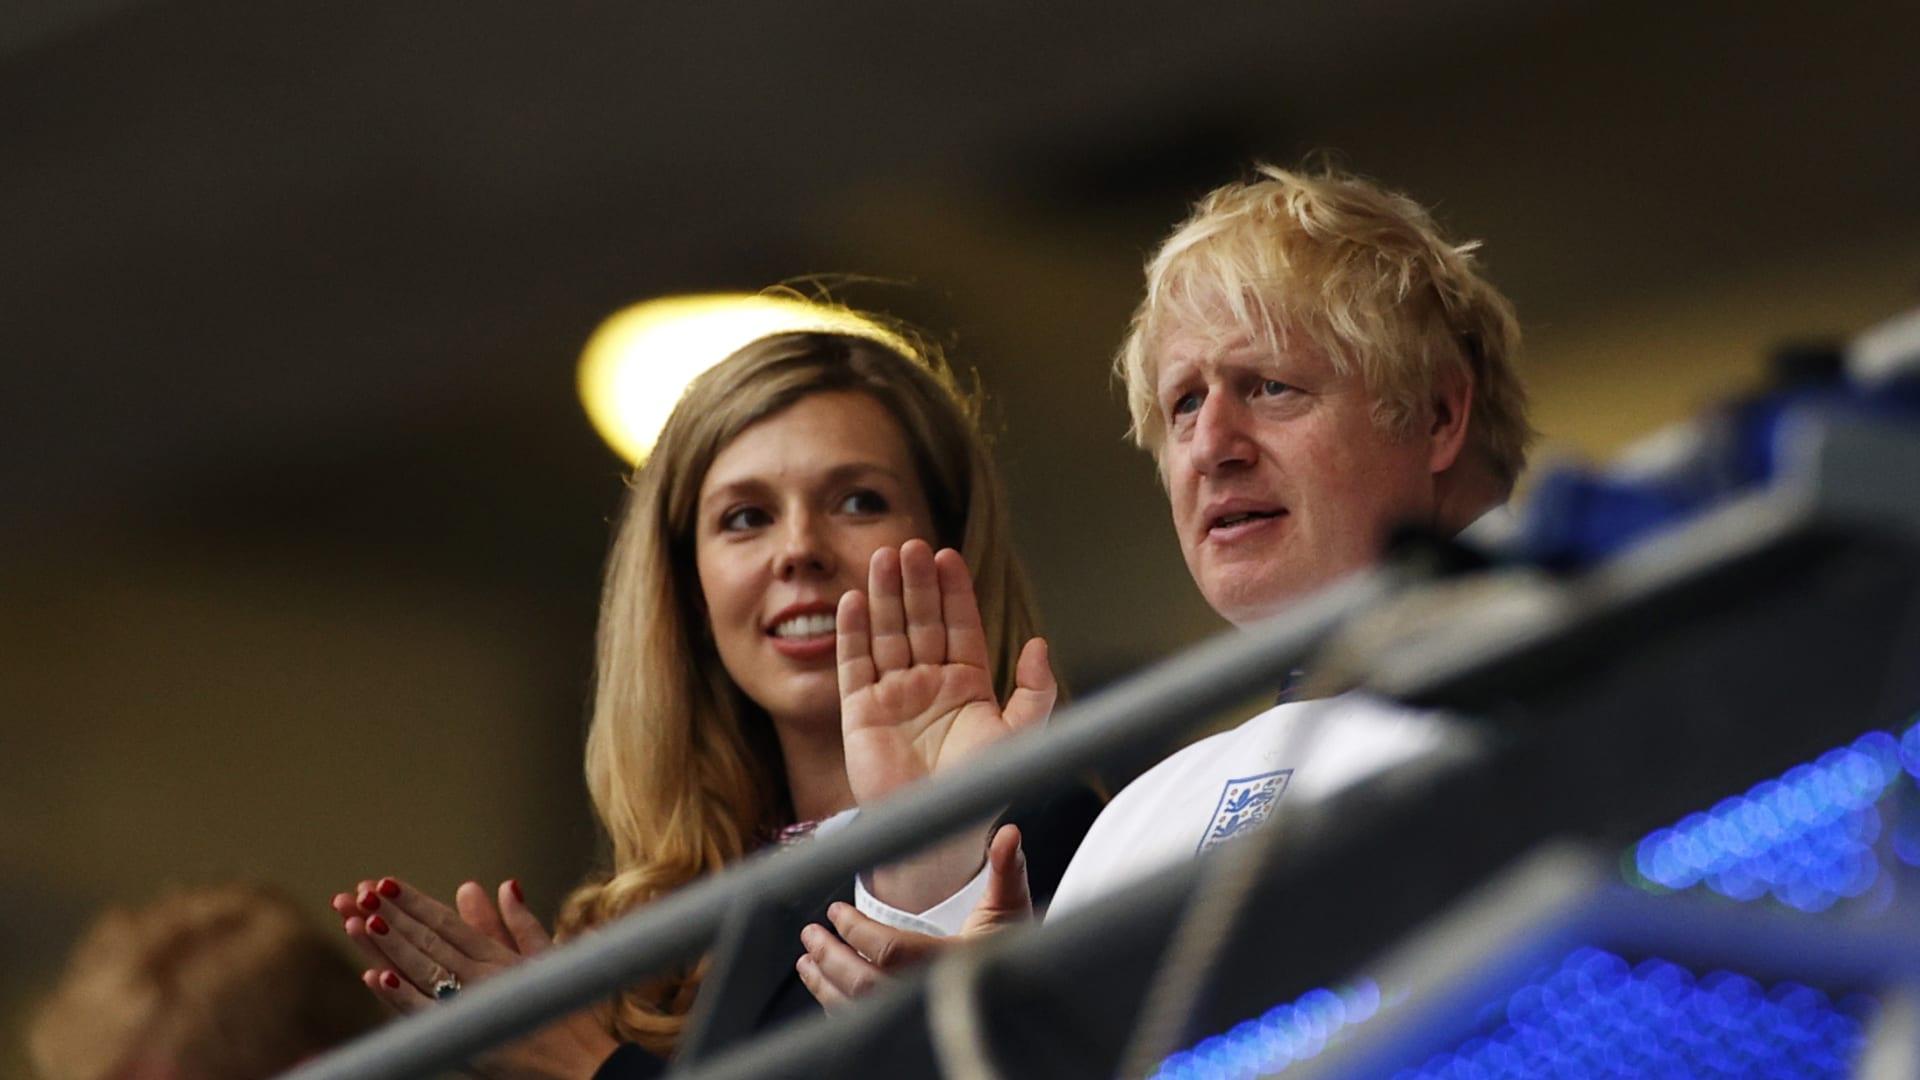 أخيرًا.. رئيس الوزراء البريطاني بوريس جونسون يعترف بأن لديه ستة أطفال